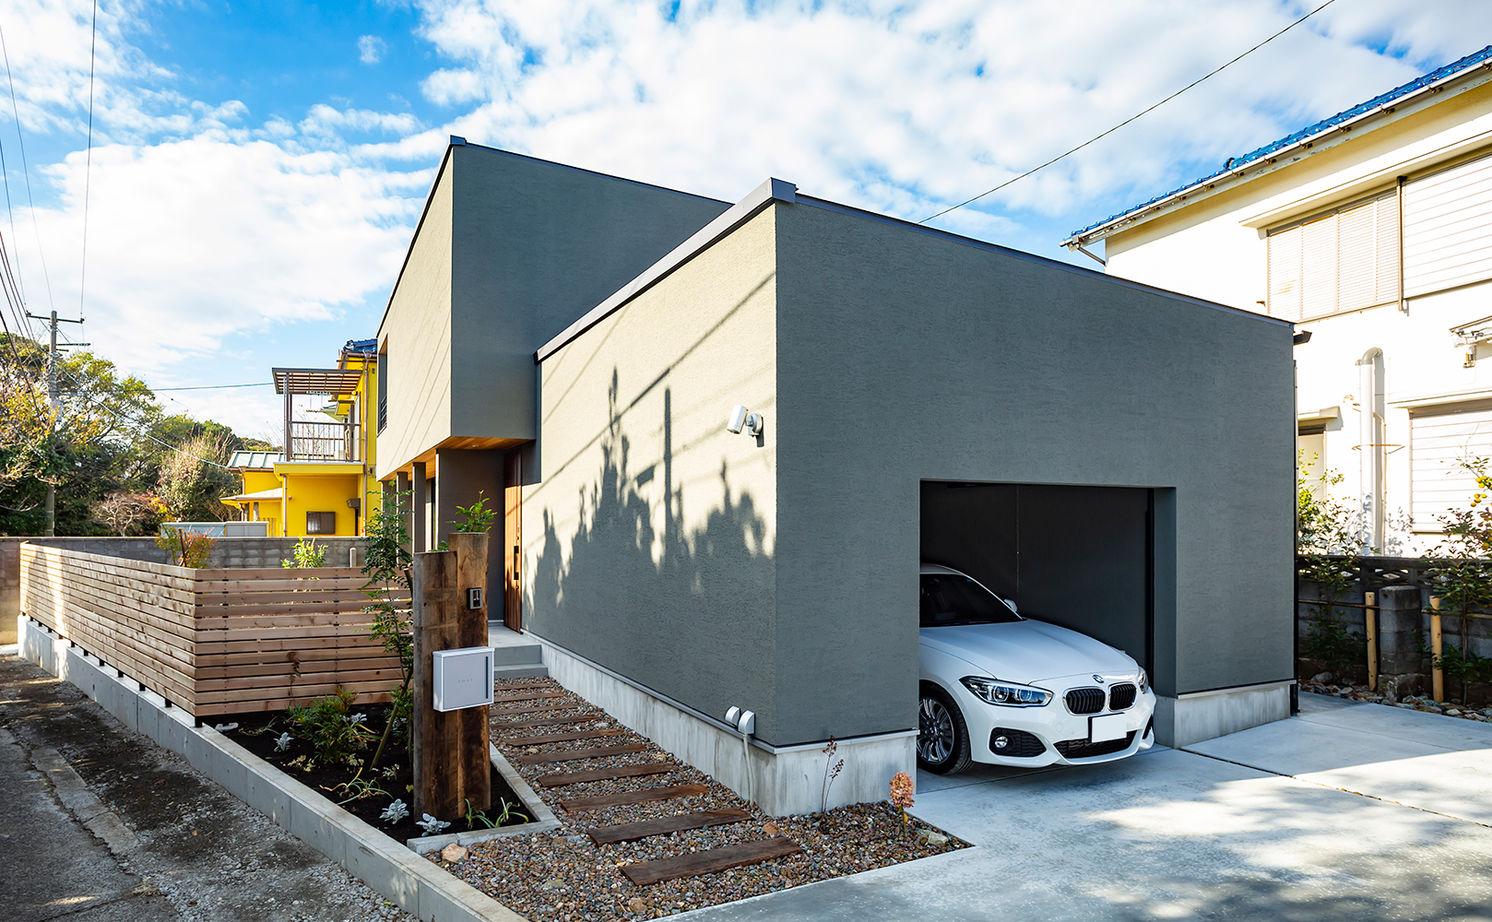 【2500~2999万円/2LDK】設計力の高さに魅かれて依頼!理想が詰まった土間玄関のある家画像1